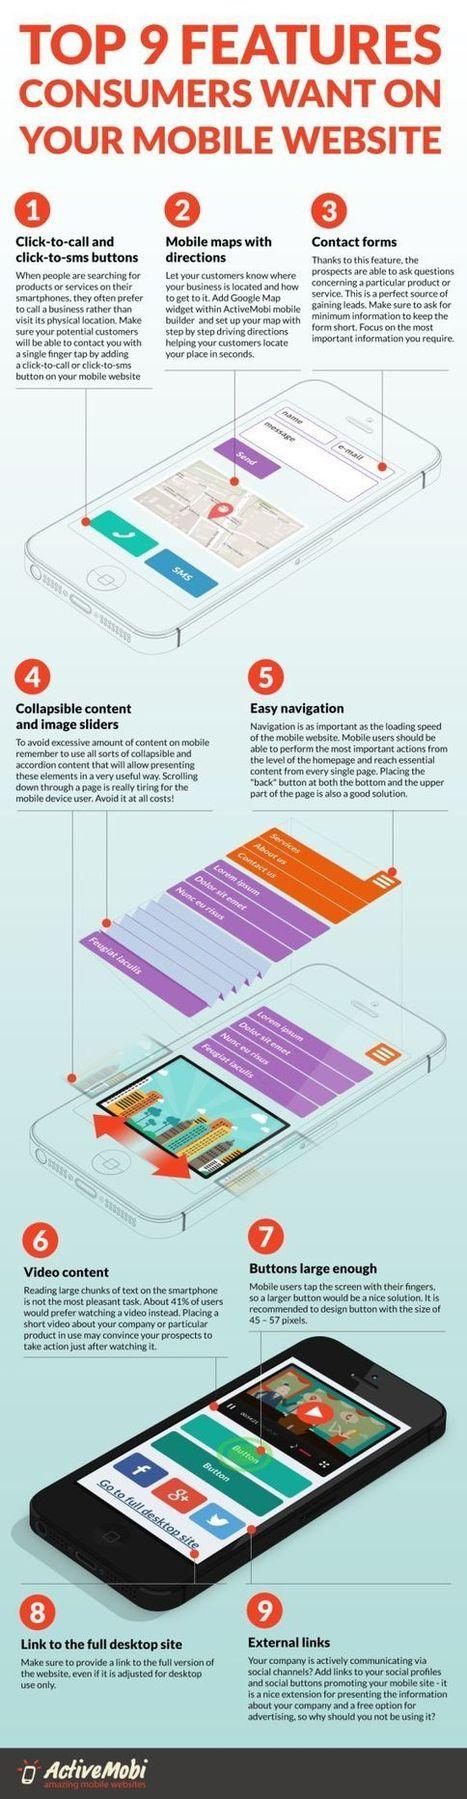 9 Besonderheiten, die mobile Nutzer auf mobilen Webseiten erwarten (Infografik) - DIGITALSTRATEGIE   Digitale Kommunikation   Scoop.it